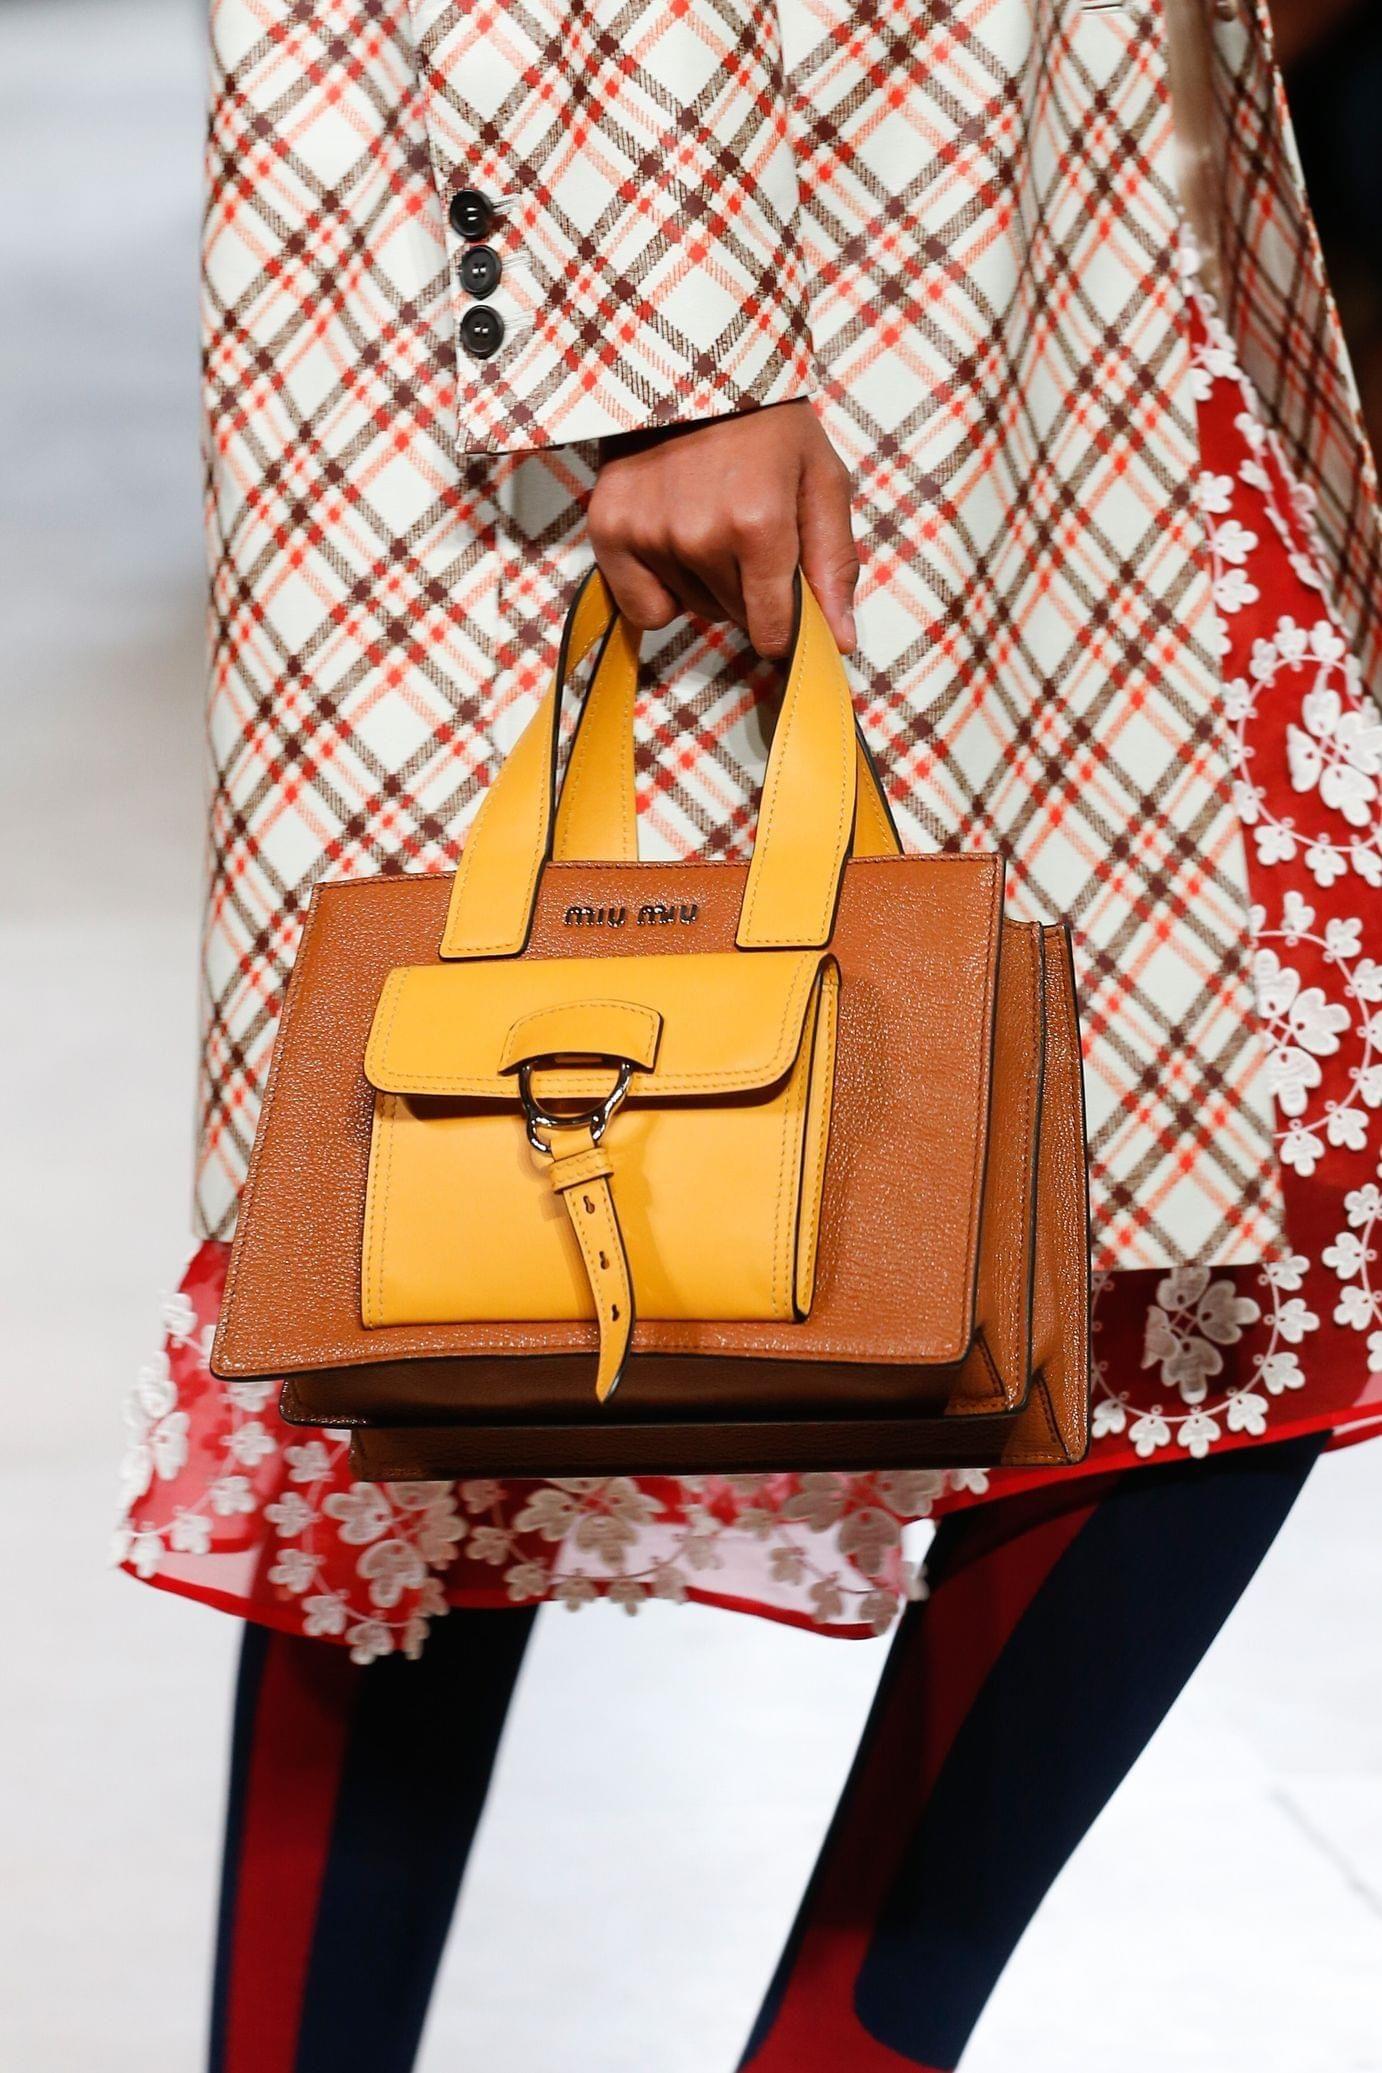 Miu miu весна лето 2018 комбинированная сумка